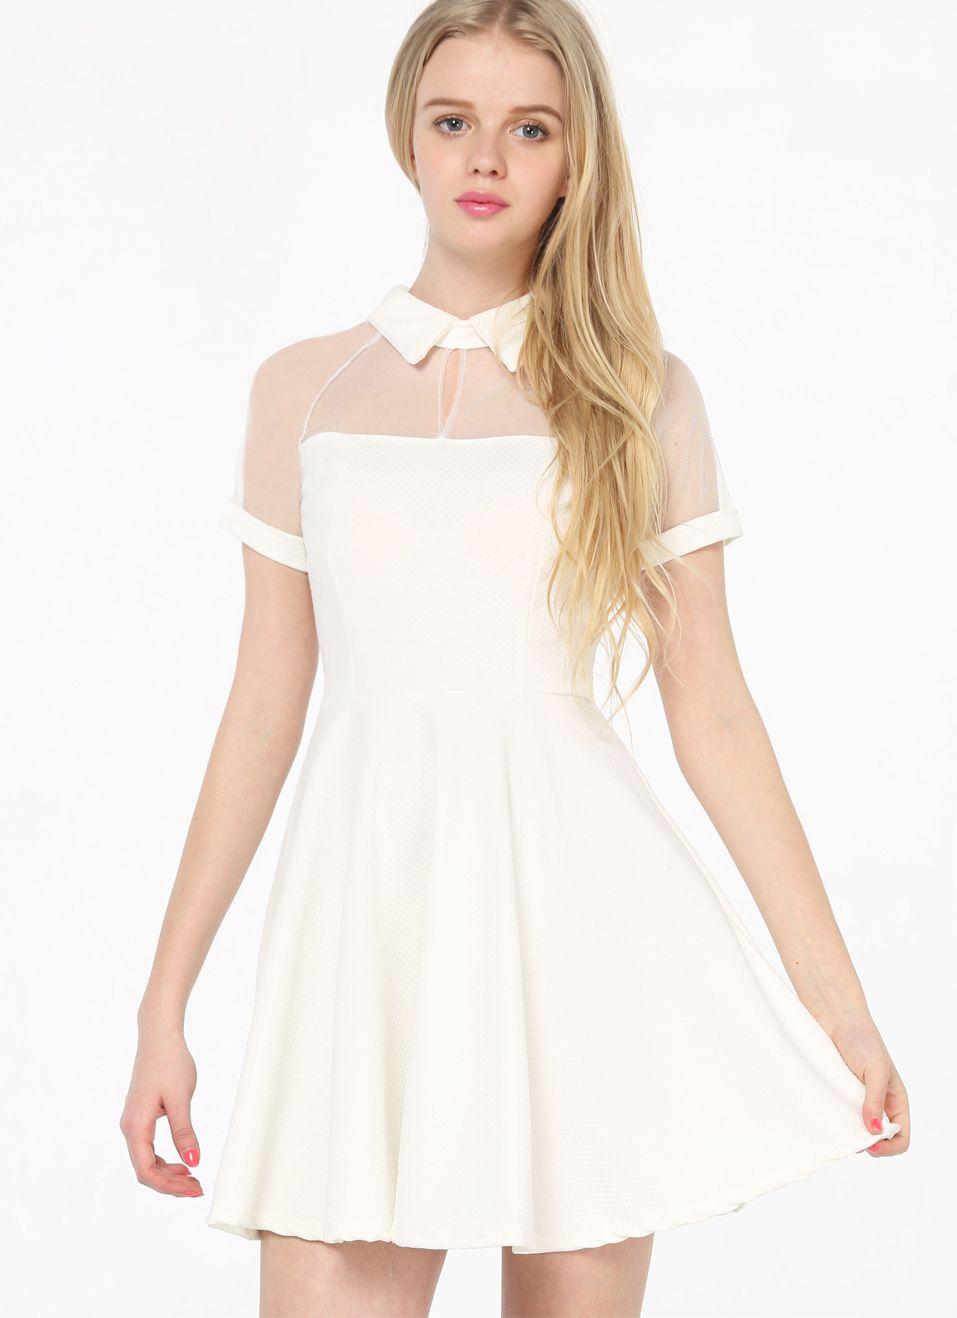 White Short Sleeve Mesh Peak Collar Skater Dress - Up to 50% Off ...